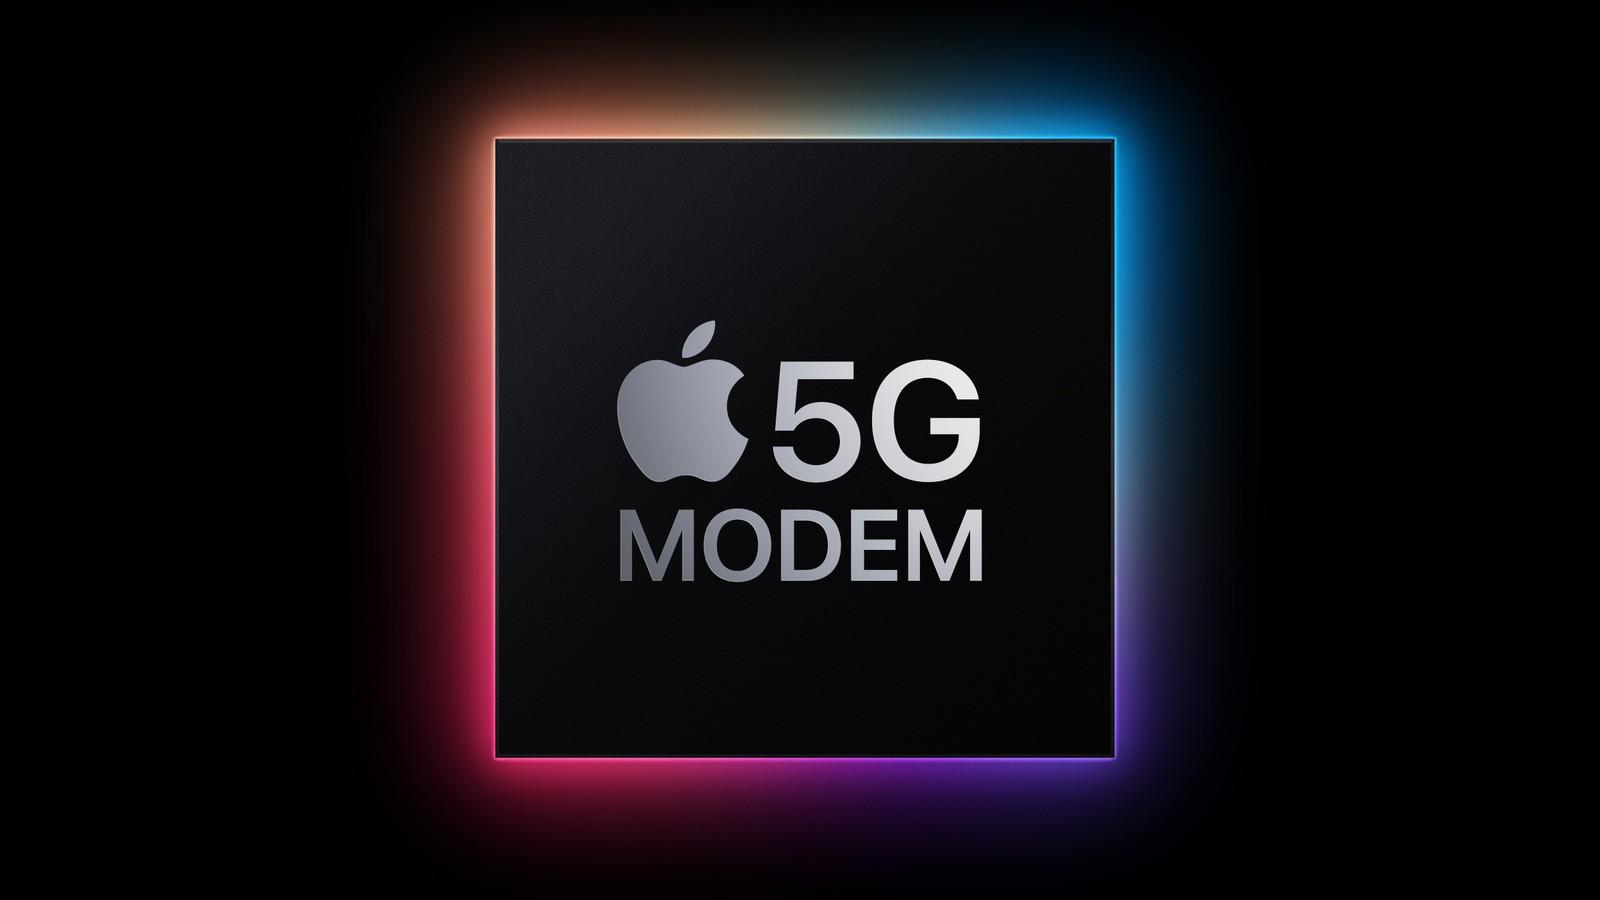 Apple muốn kiểm soát toàn bộ phần cứng và phần mềm sản phẩm của mình với chip 5G mới. Ảnh: Macrumors.